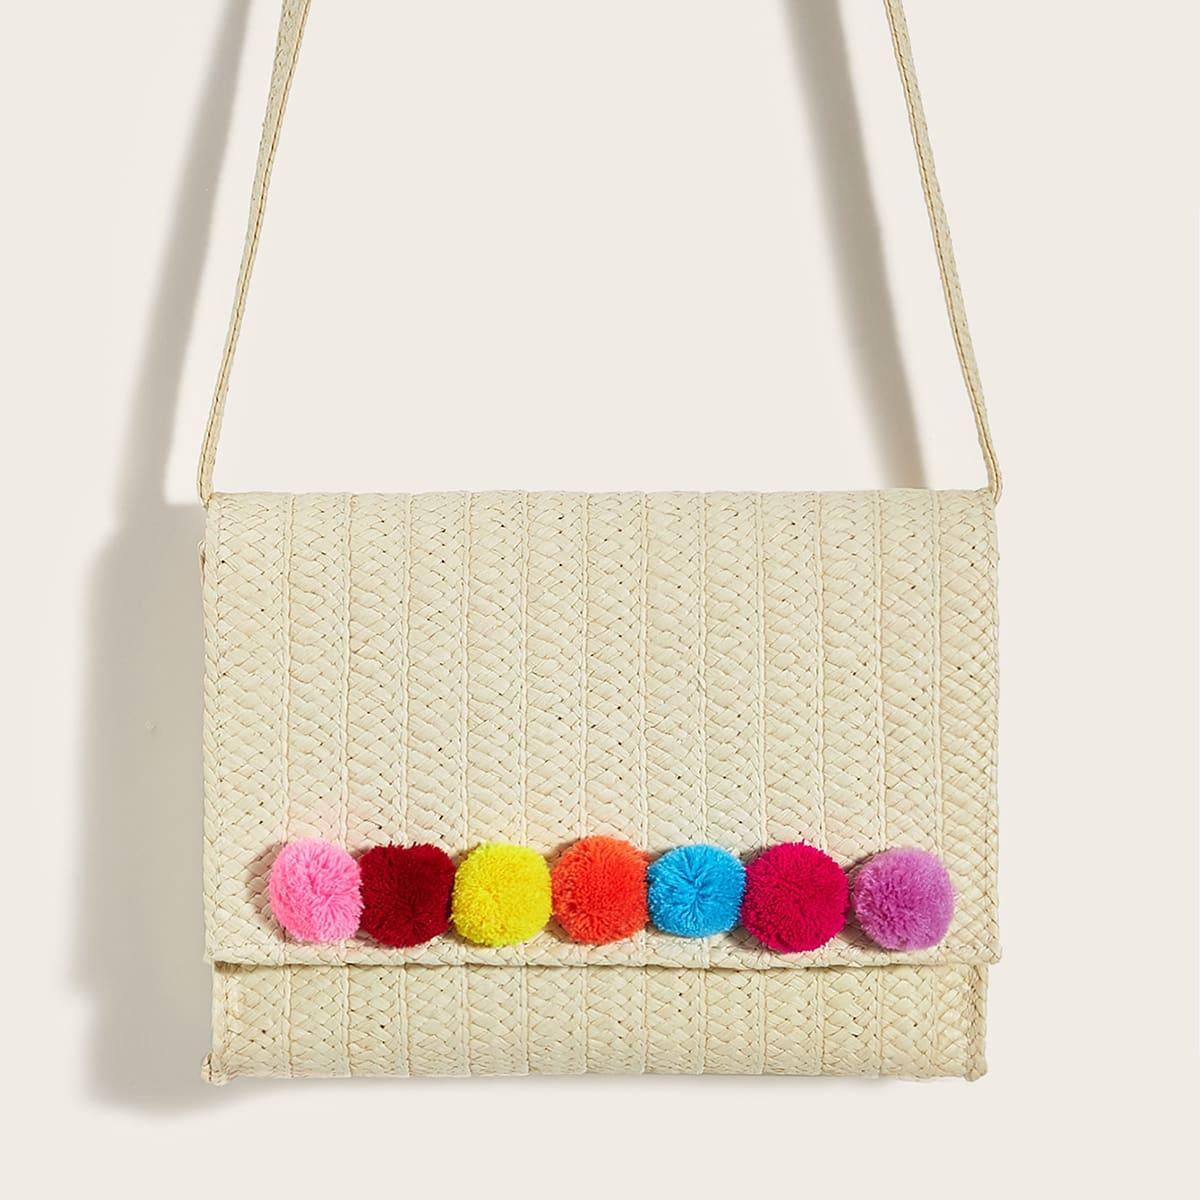 Плетеная сумка через плечо с разноцветным помпоном фото